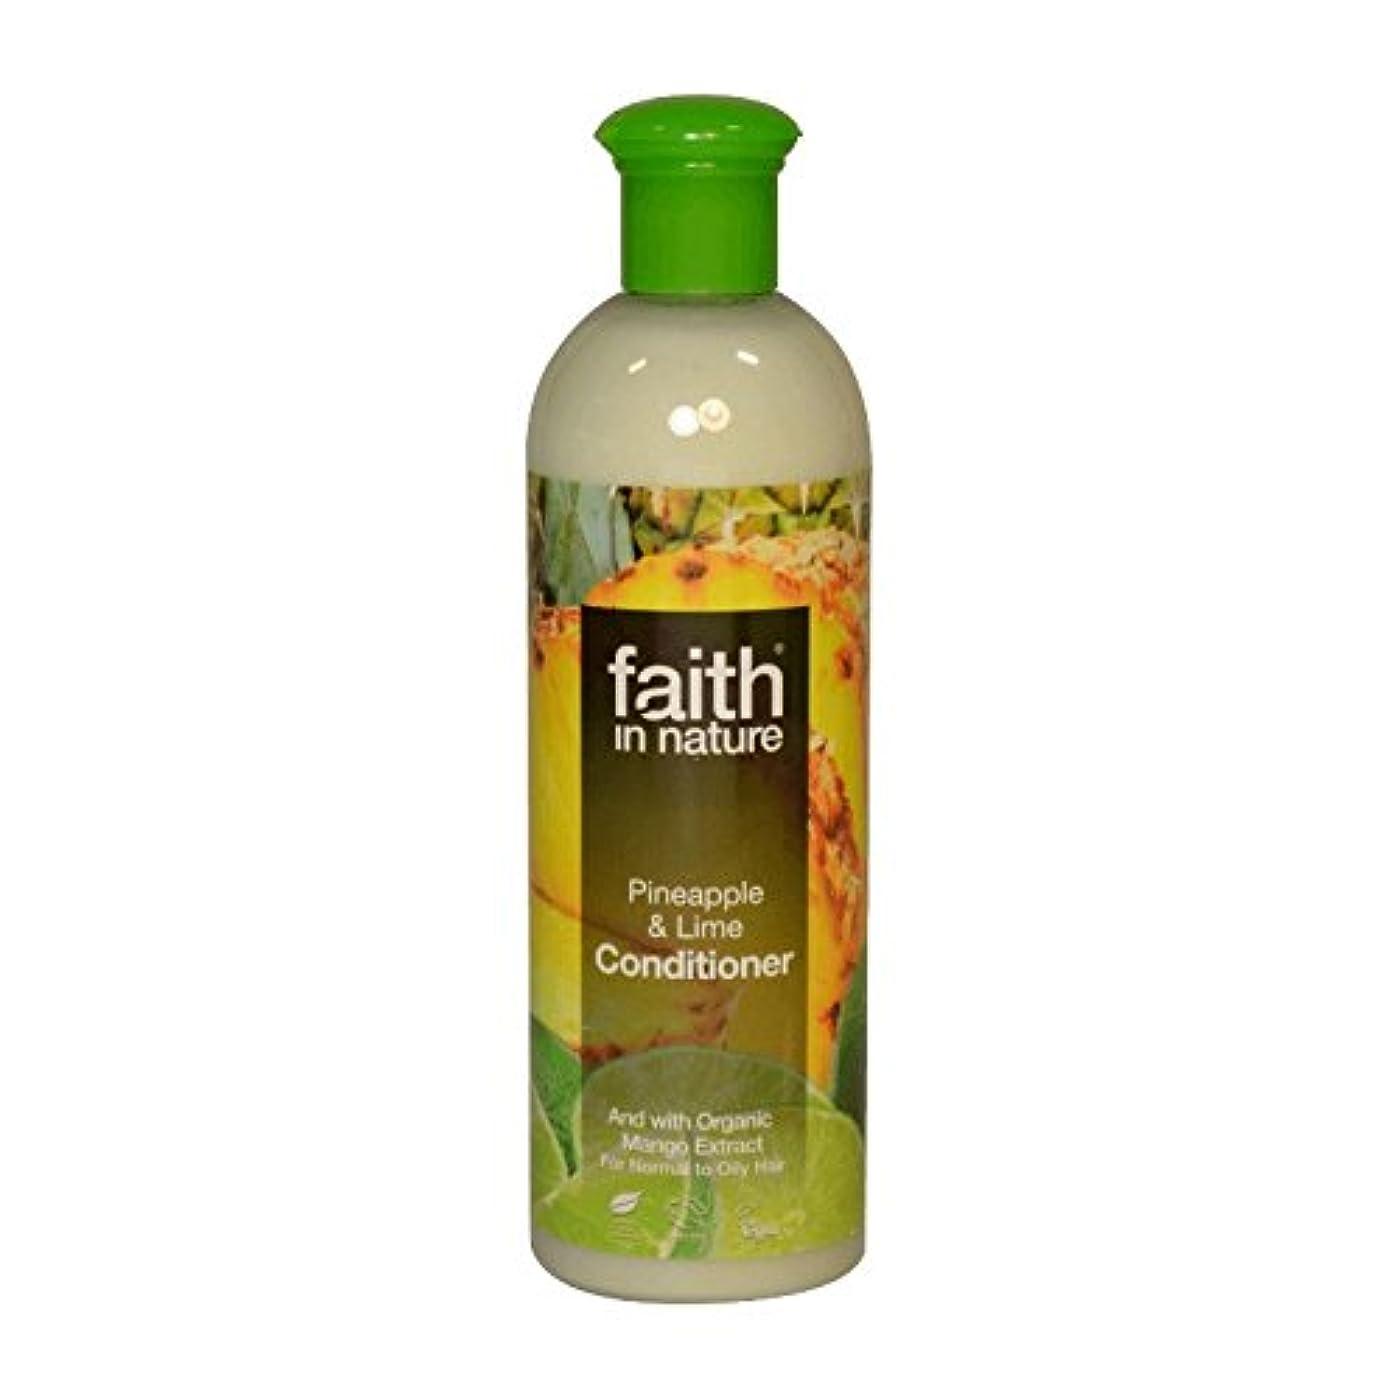 消防士謝罪によると自然パイナップル&ライムコンディショナー400ミリリットルの信仰 - Faith in Nature Pineapple & Lime Conditioner 400ml (Faith in Nature) [並行輸入品]